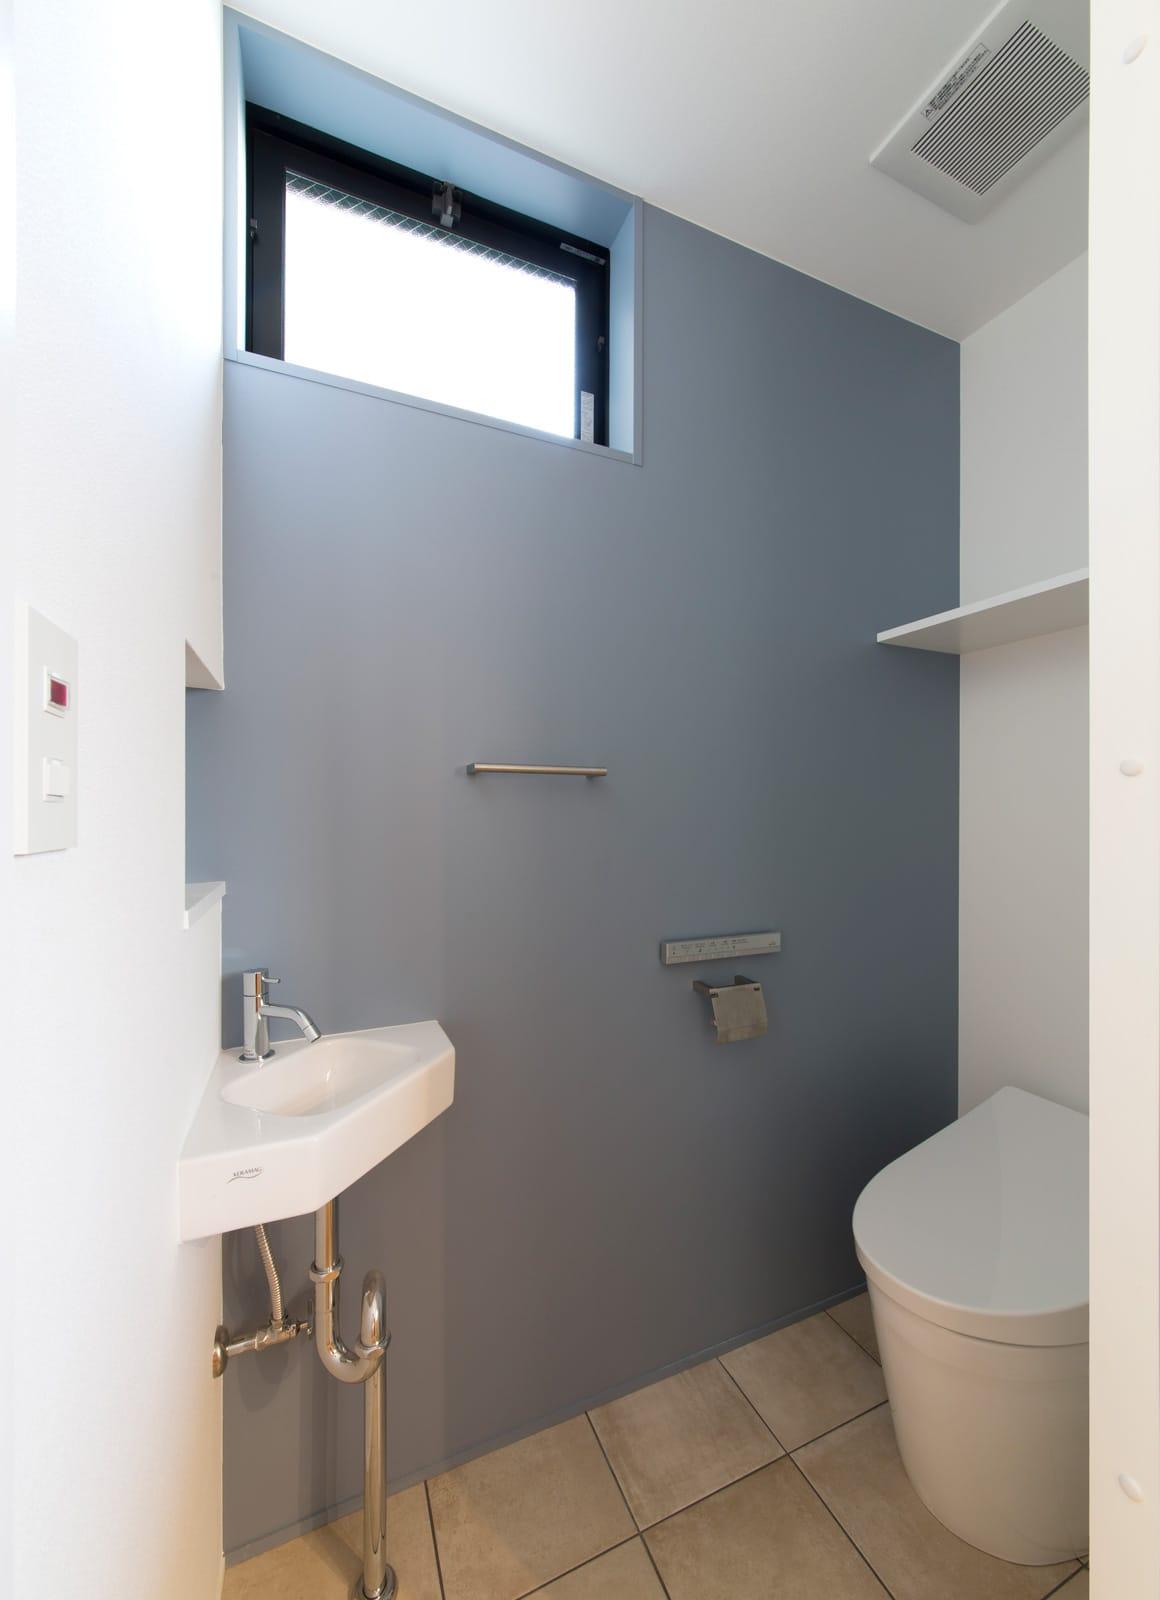 フィッシャーマンハウスのトイレ1